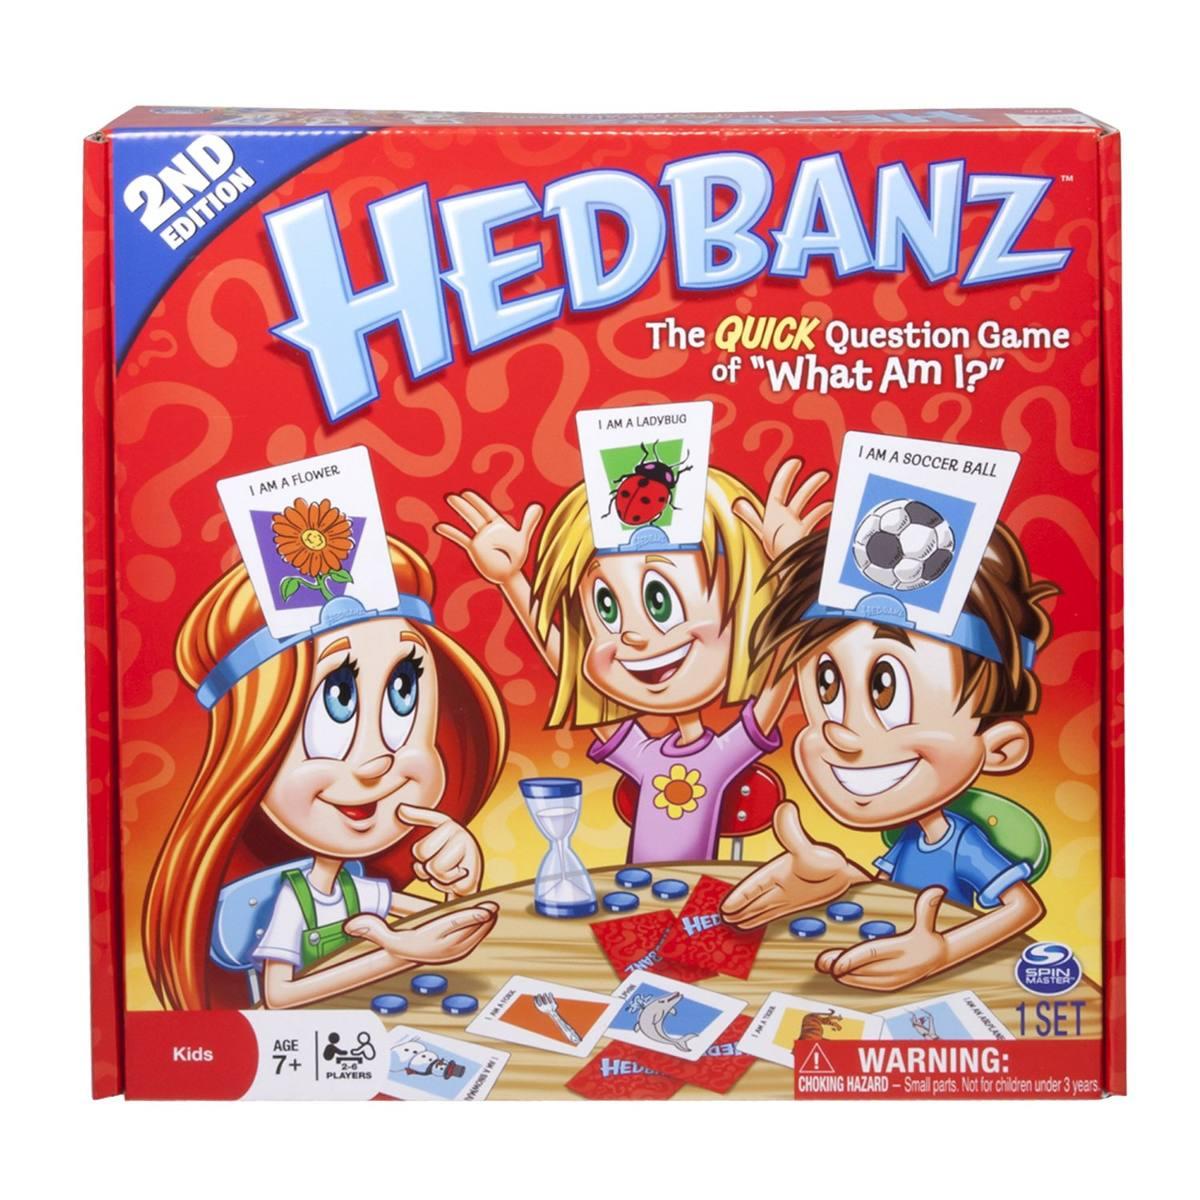 Juego Didactico Hasbro Hedbanz Rojo 35 699 En Mercado Libre